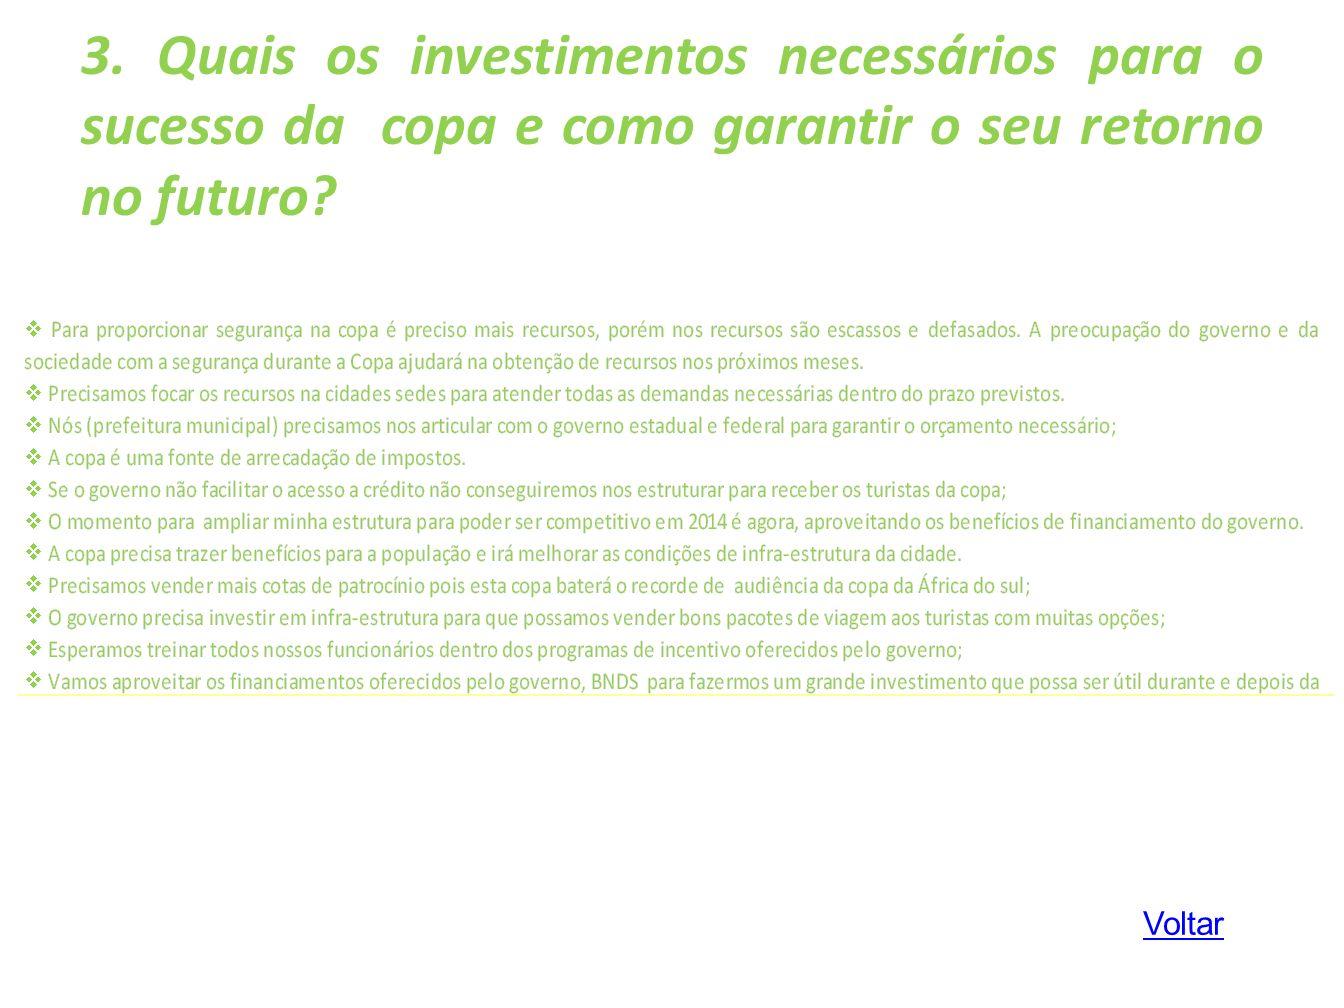 3. Quais os investimentos necessários para o sucesso da copa e como garantir o seu retorno no futuro